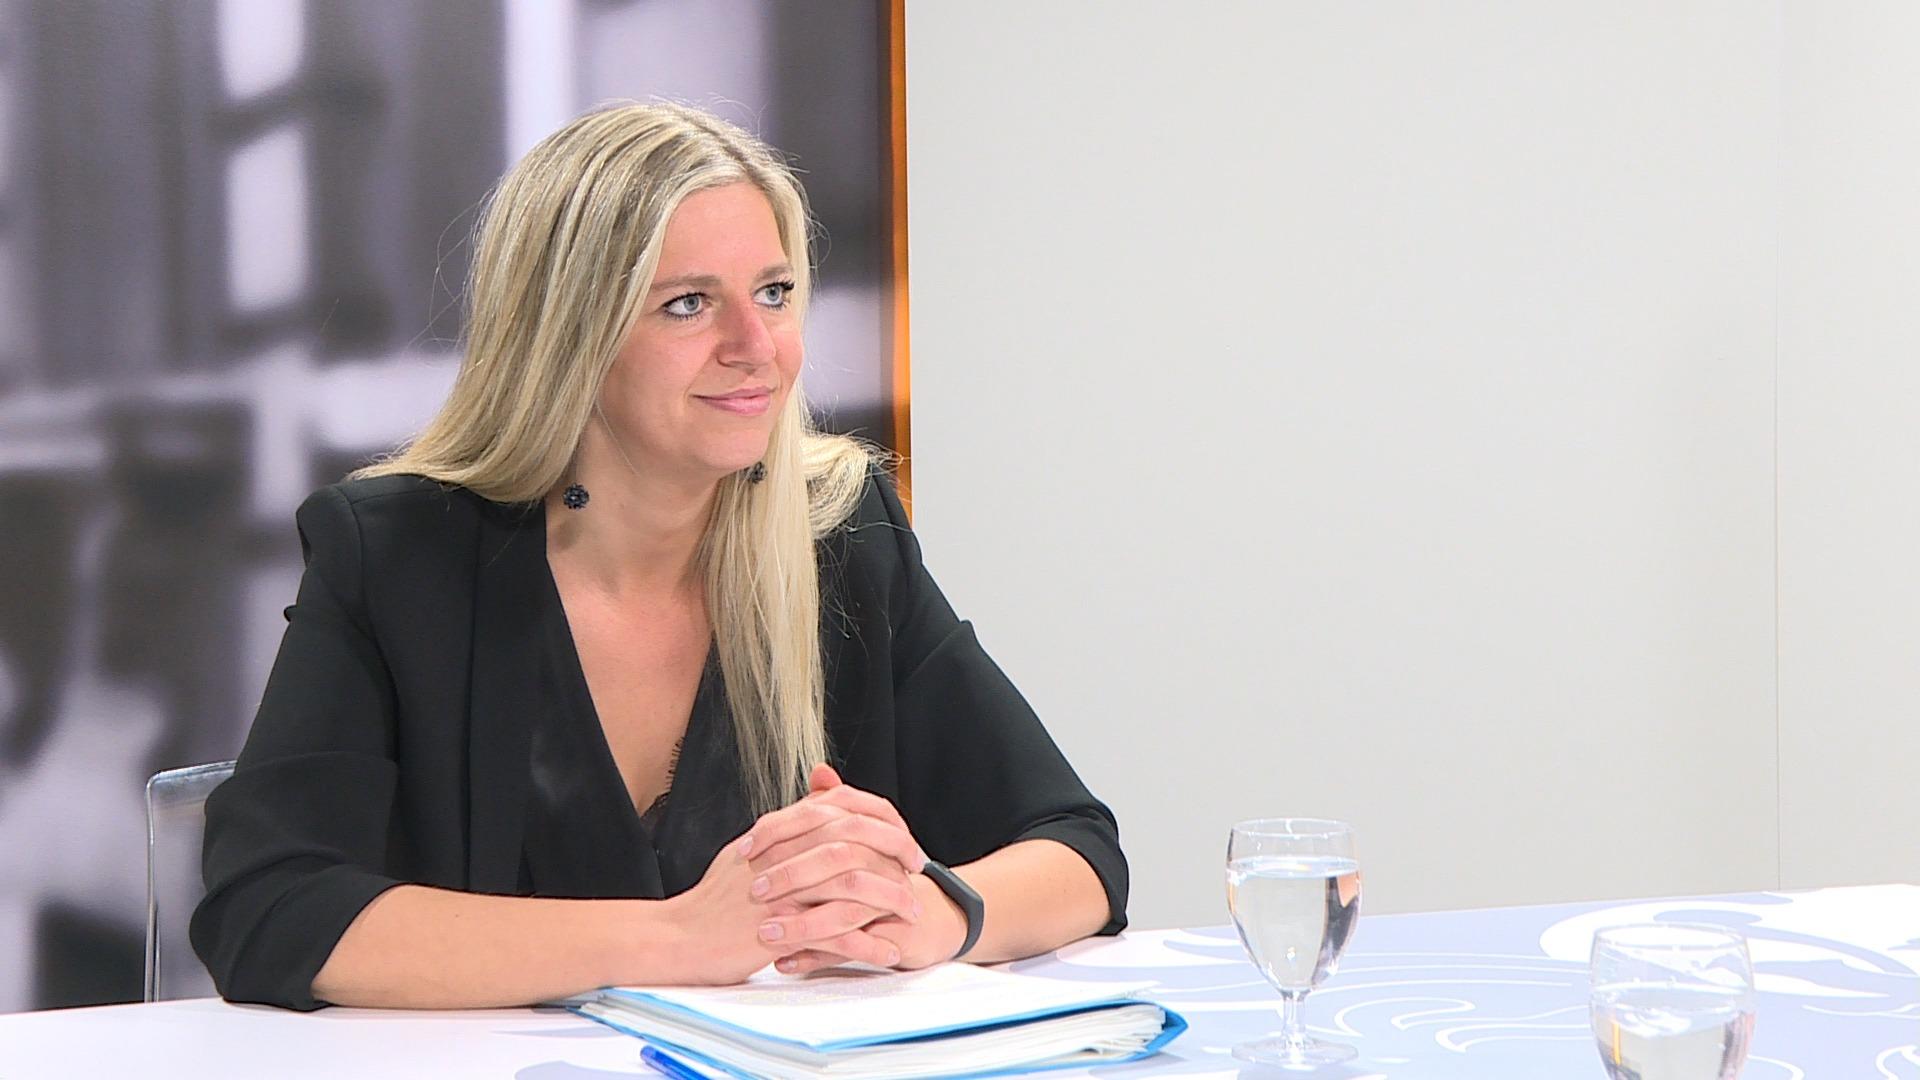 Studio Commissie: Gwenny De Vroe over de uitstoot van houtkachels